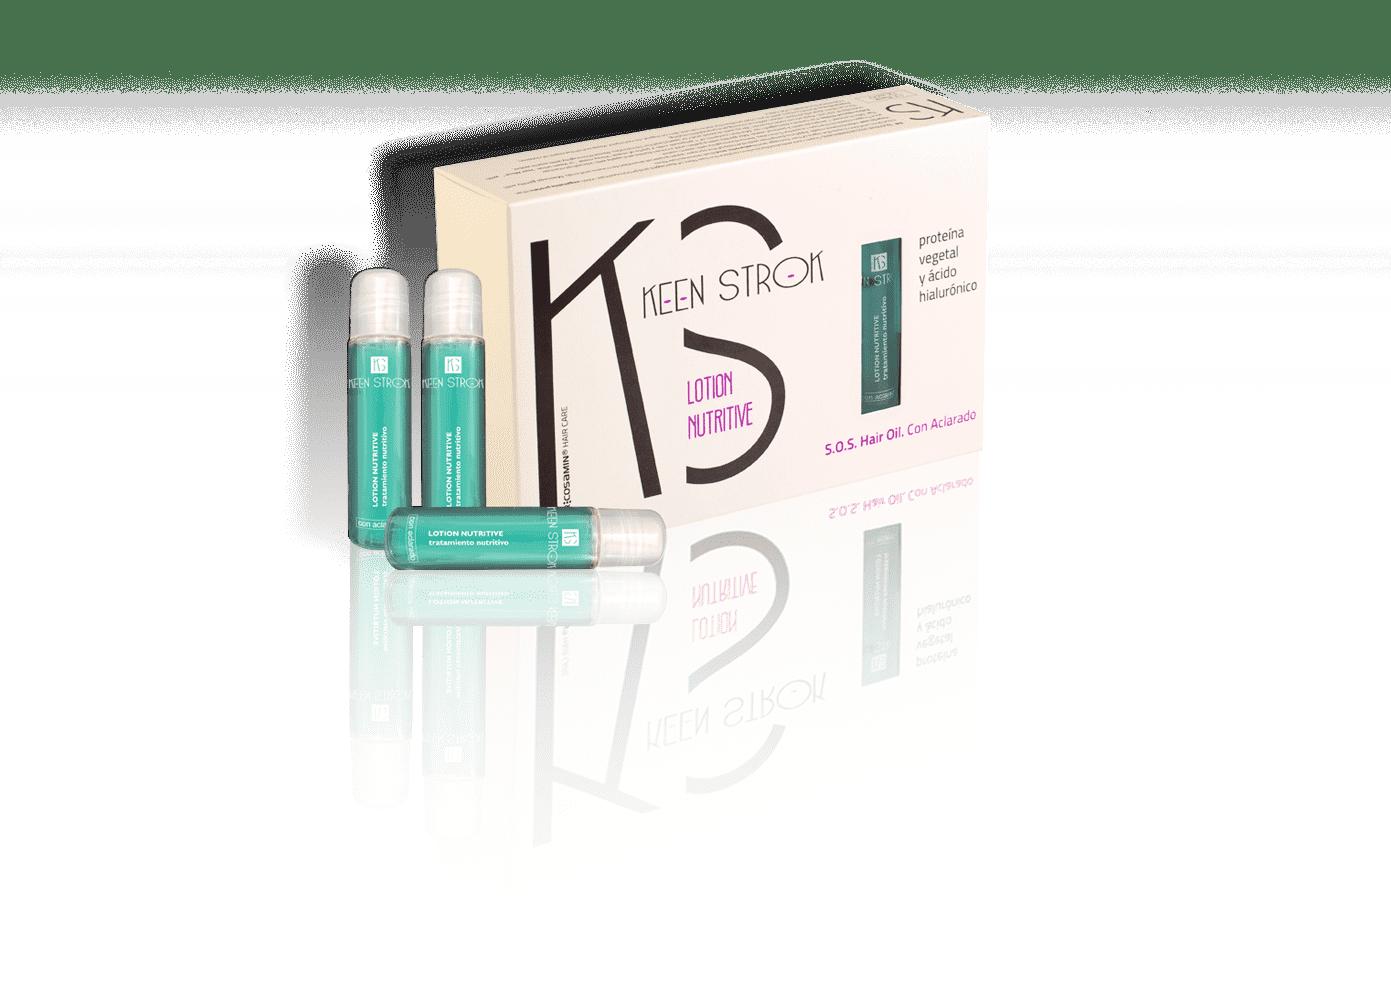 Keen Strok Nutritive Lotion S.O.S Hair Oil - regeneračné, obnovujúce ampulky na vlasy, 12 ks / bal